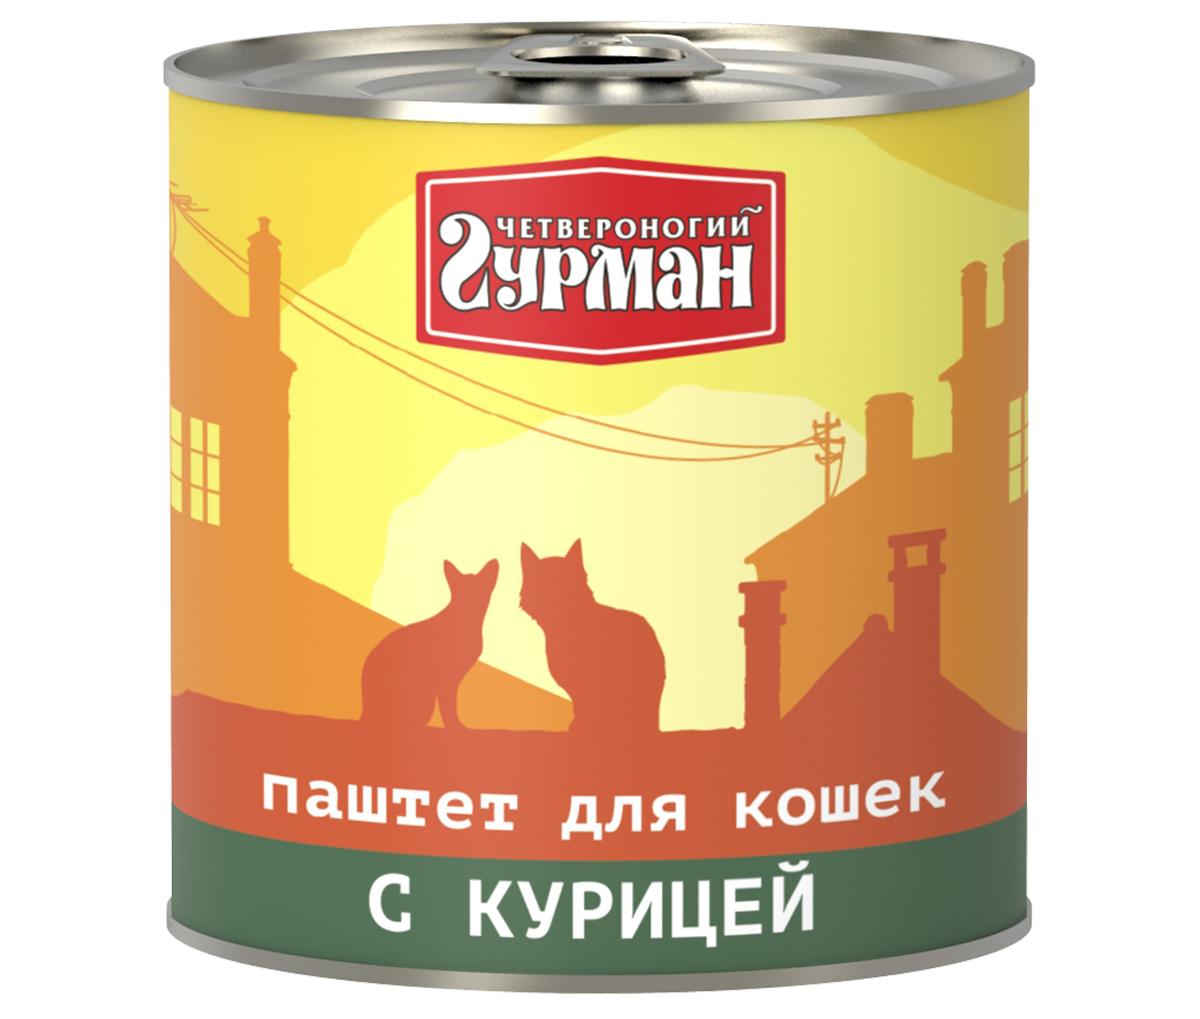 Консервы для кошек Четвероногий гурман, паштет с курицей, 240 г белковая добавка для животных г иркутск